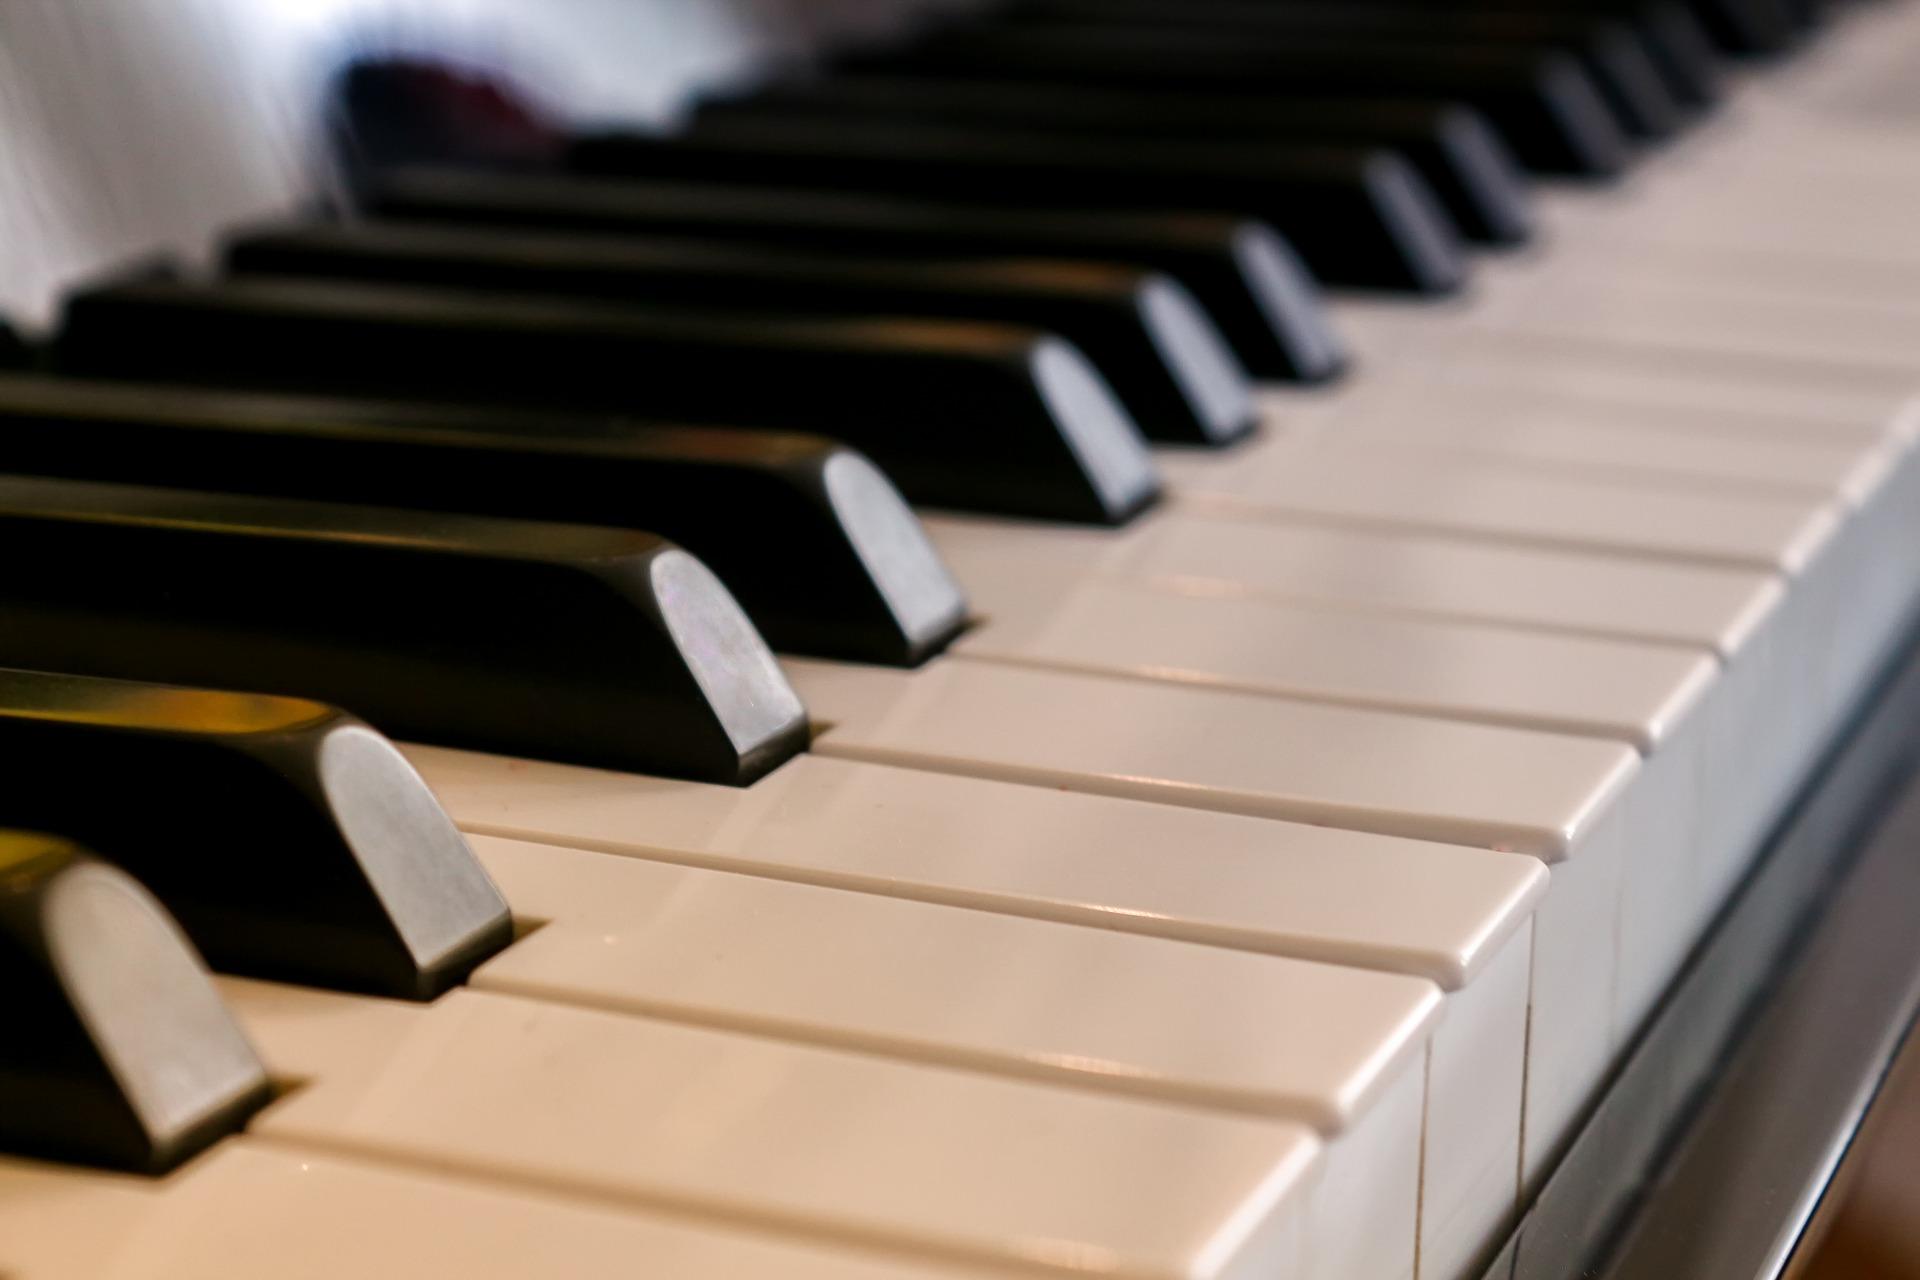 UZAKTAN EĞİTİM  Piyano Kursu Kayıtlarımız Başlamıştır Ayrıntılı Bilgi İçin;  Bilgi Talep Formu doldurun veya 0850 305 03 68 arayın.